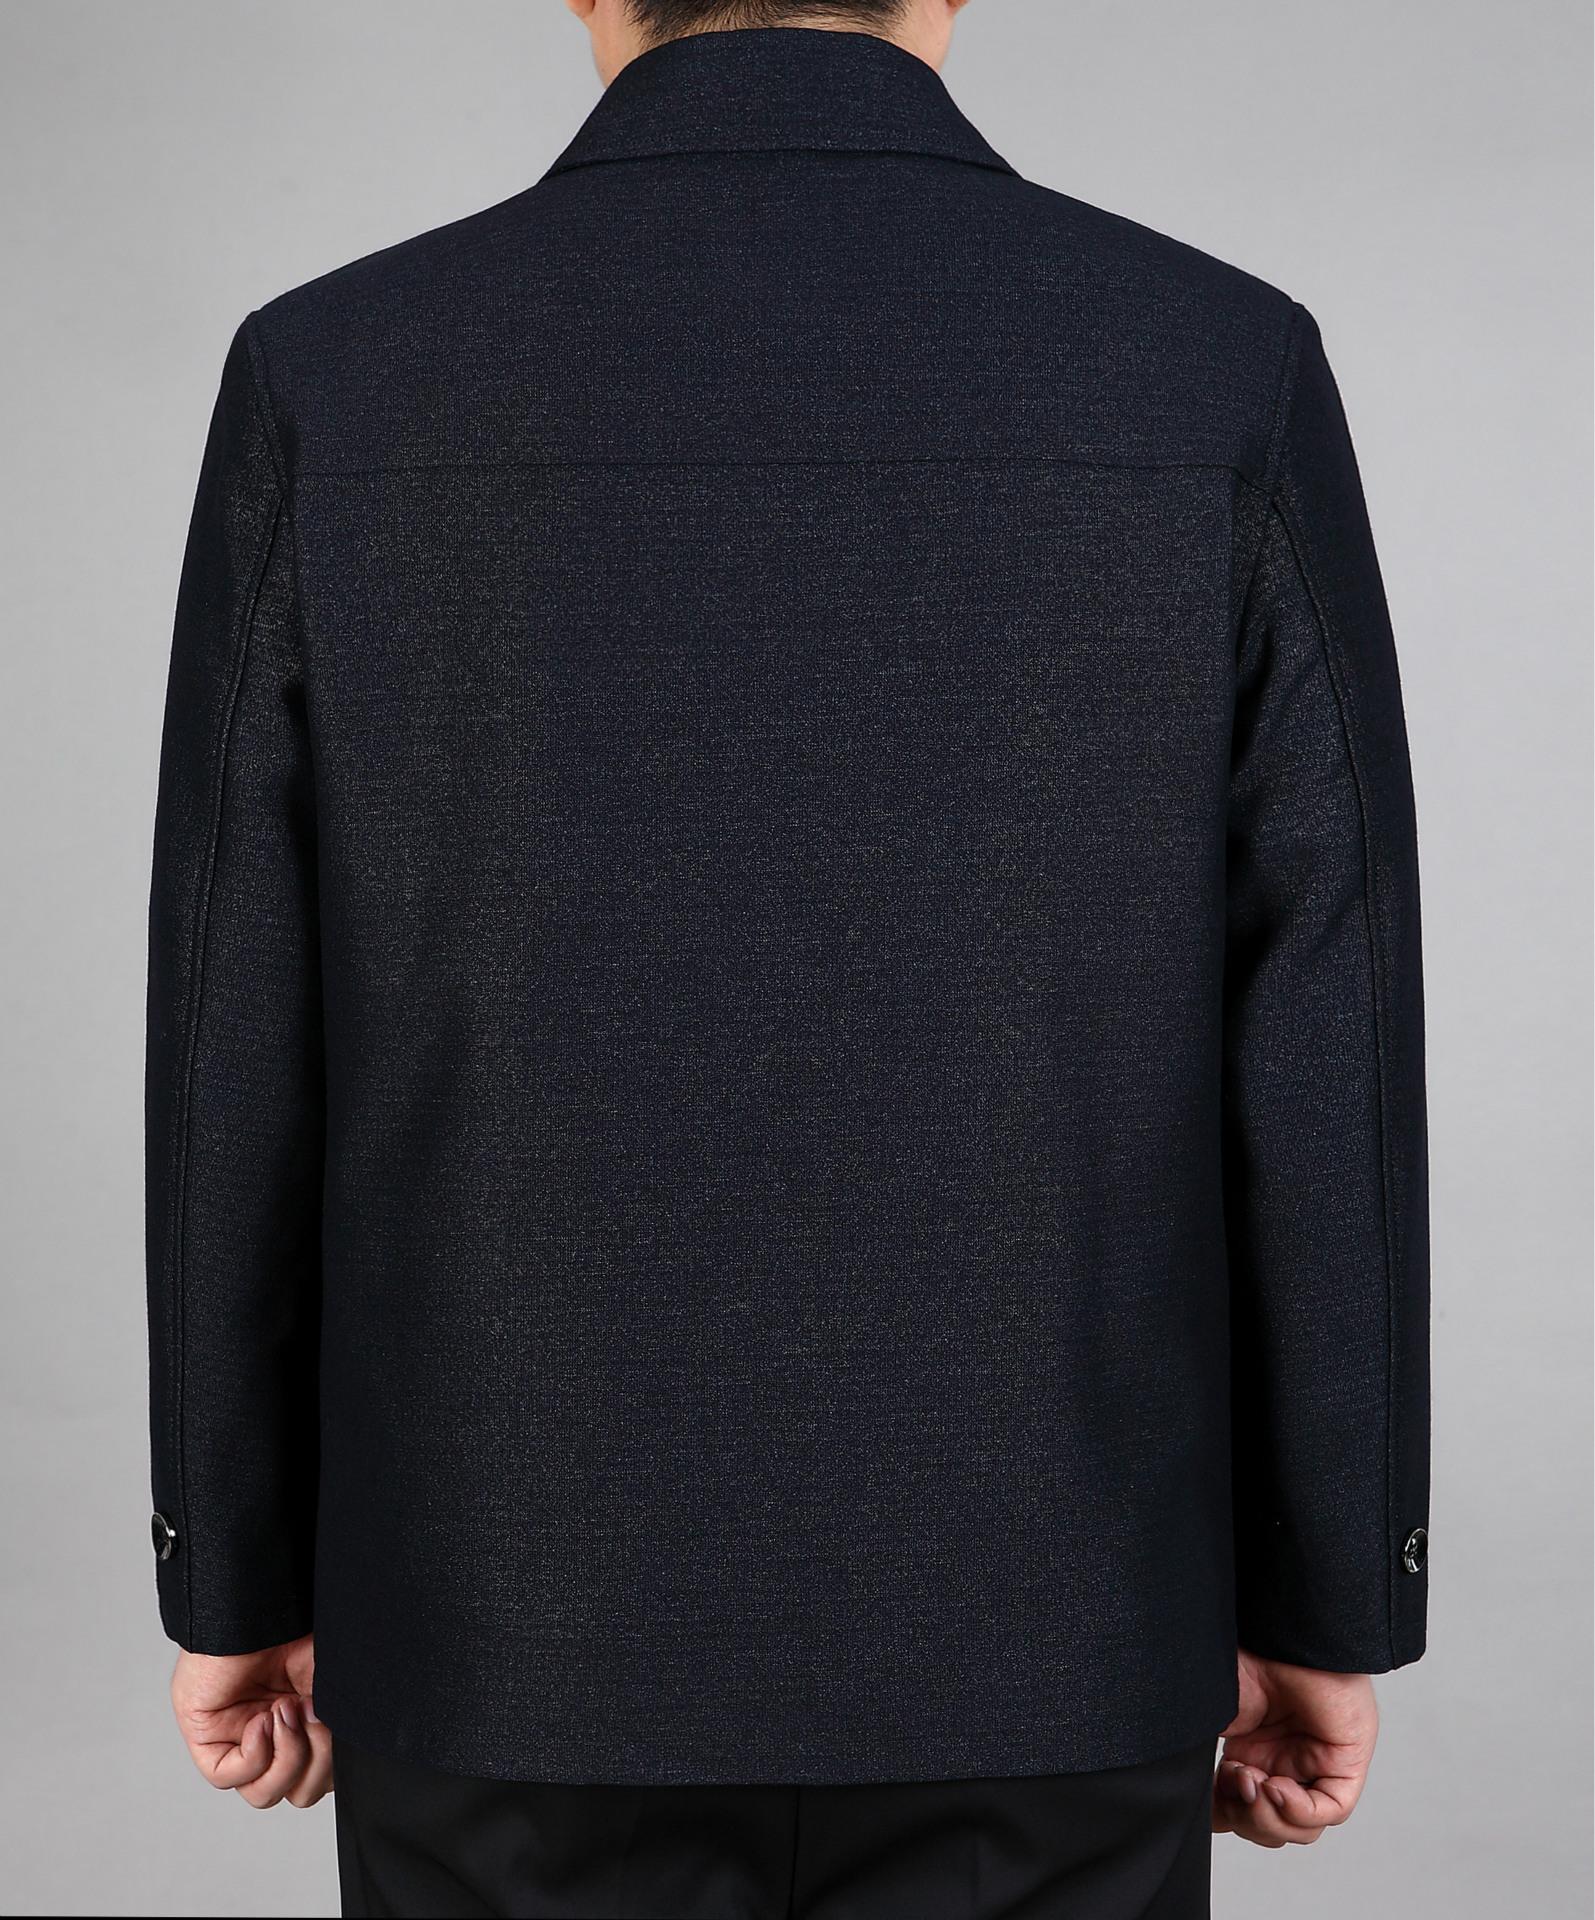 秋季中老年人胖老头男爸爸休闲夹克外套加肥加大码衣服上衣超大号